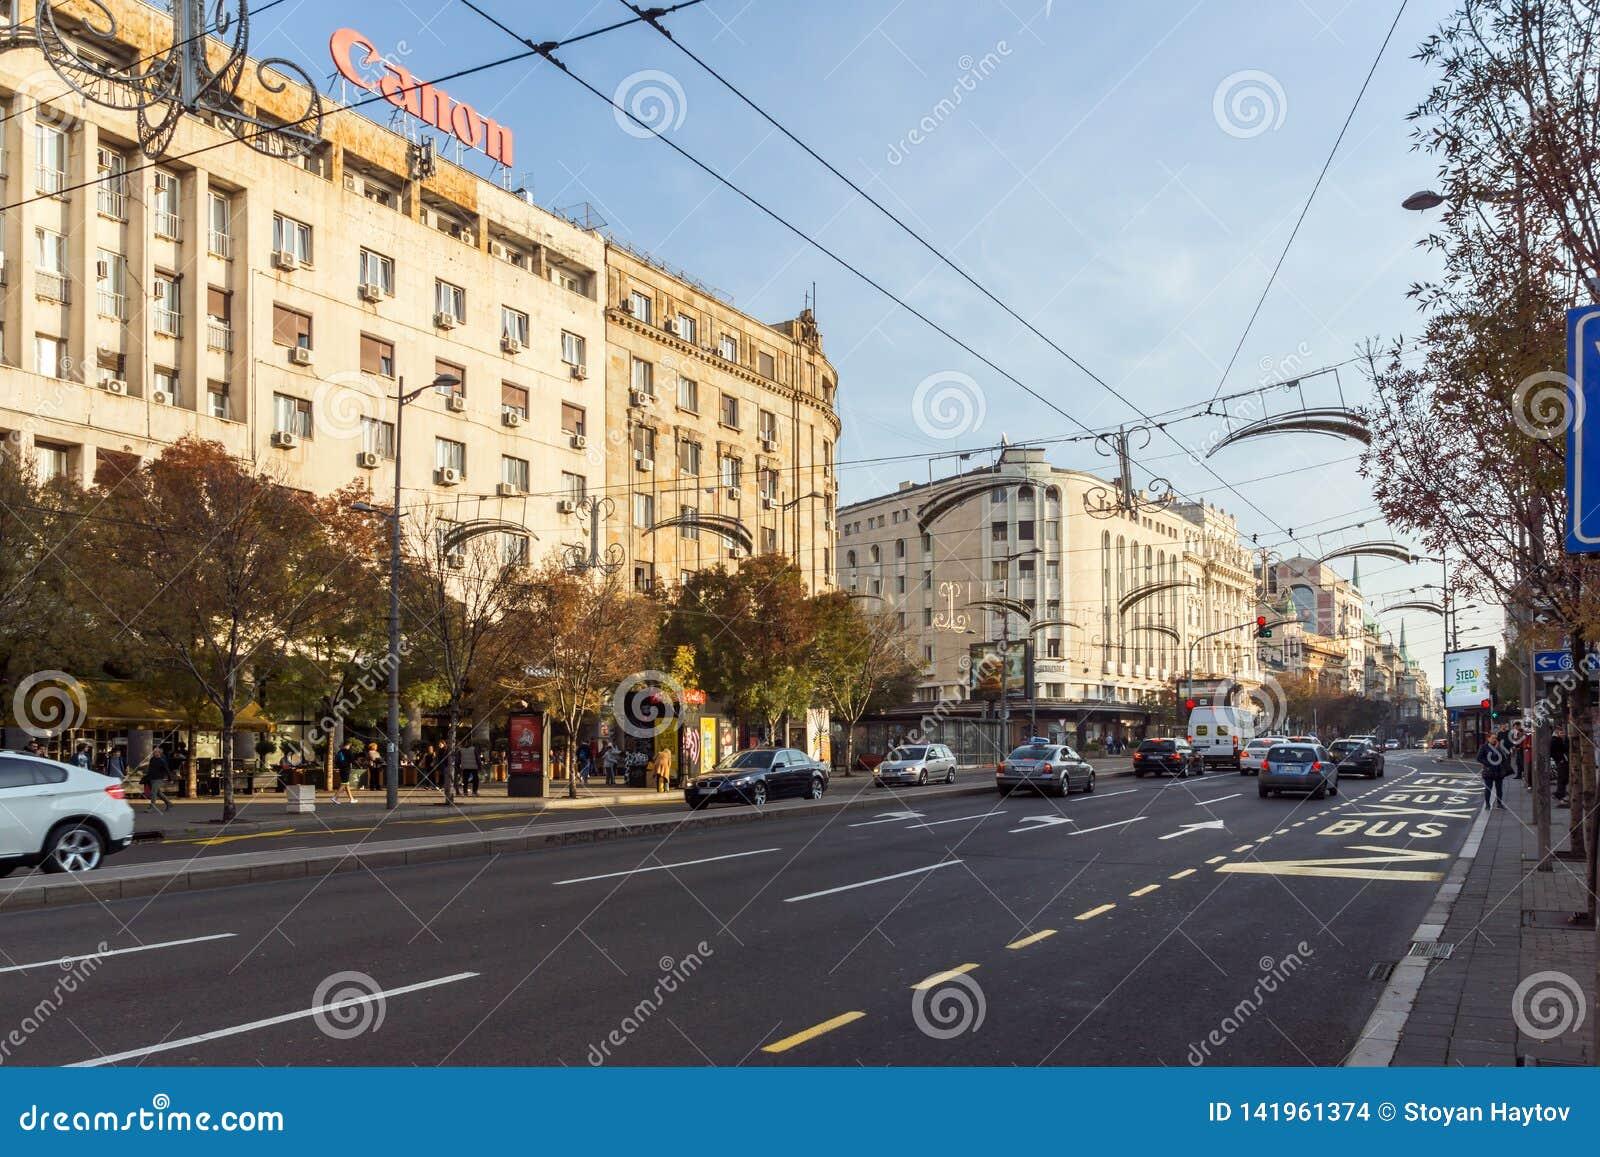 Edificio y calle típicos en el centro de la ciudad de Belgrado, Serbia